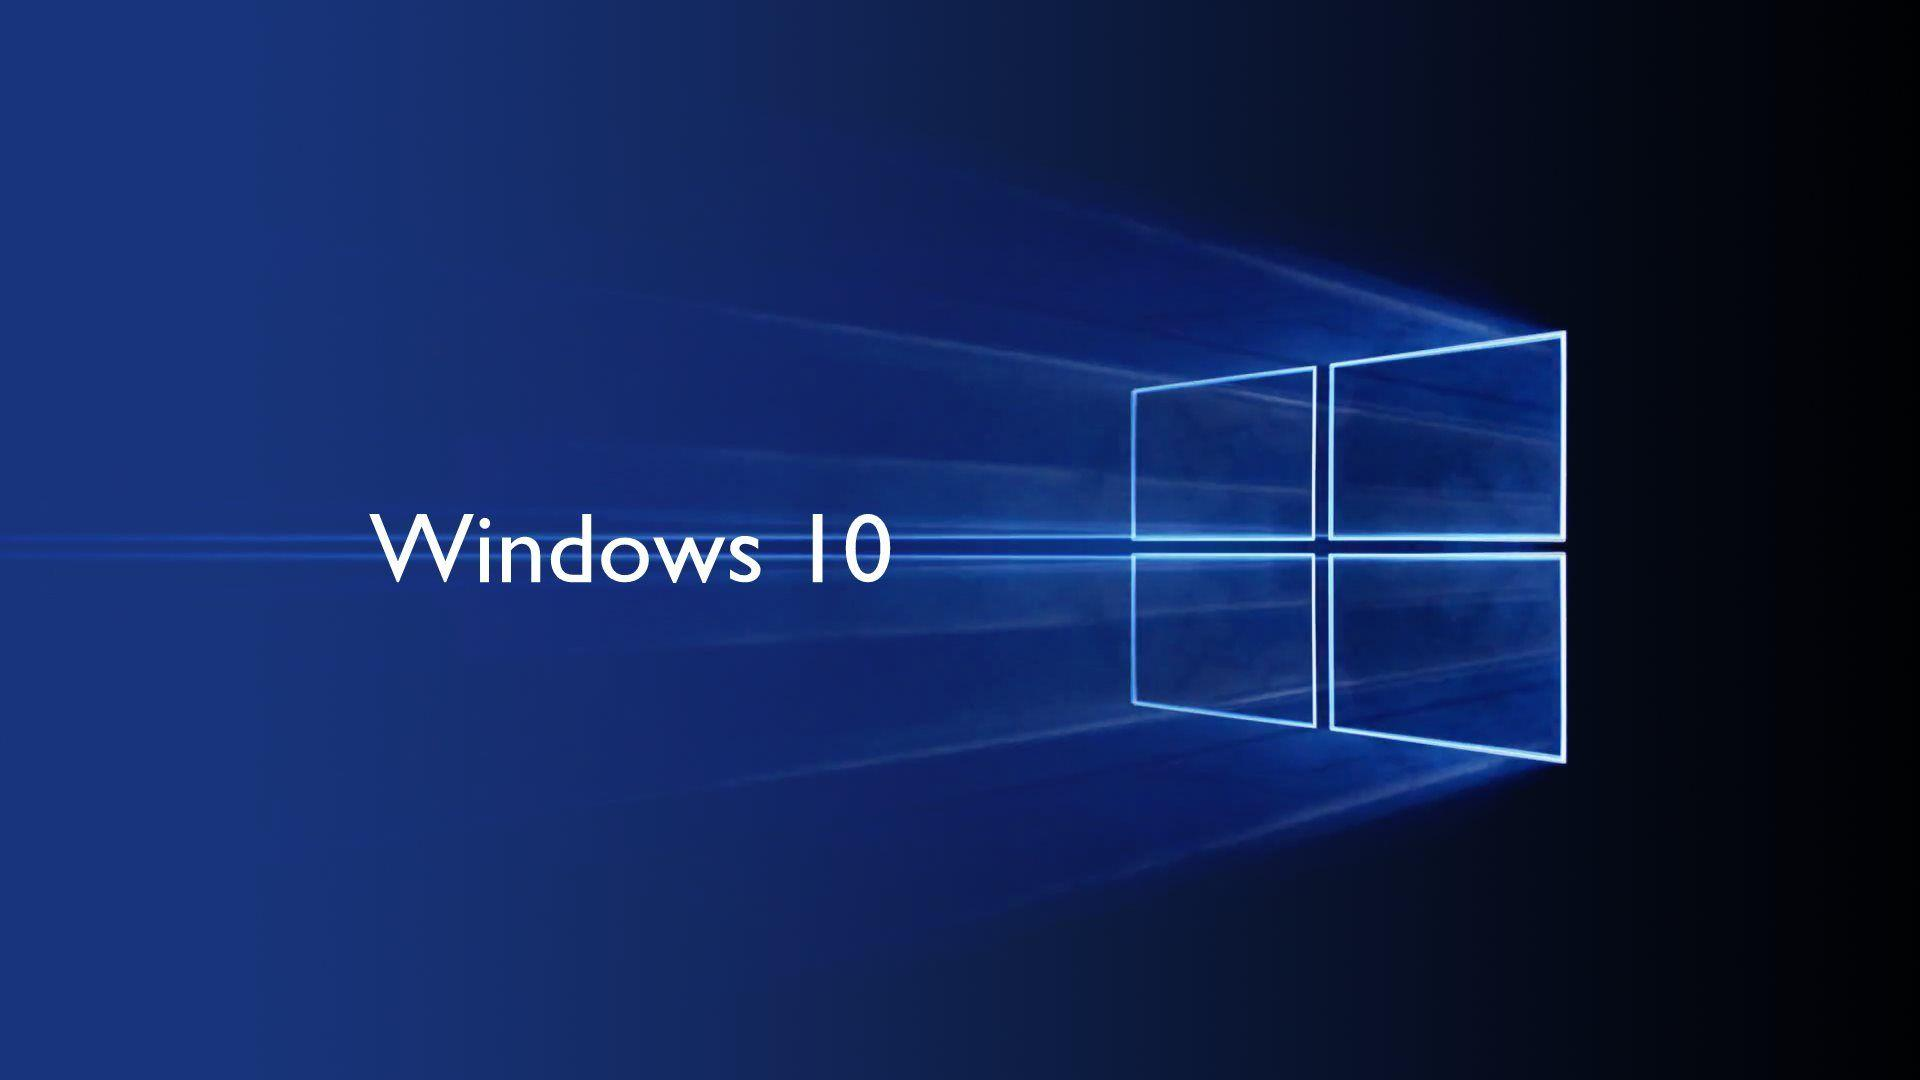 tutto quello che c'è da sapere sull'aggiornamento dell'anniversario (Anniversary Update) di Windows 10